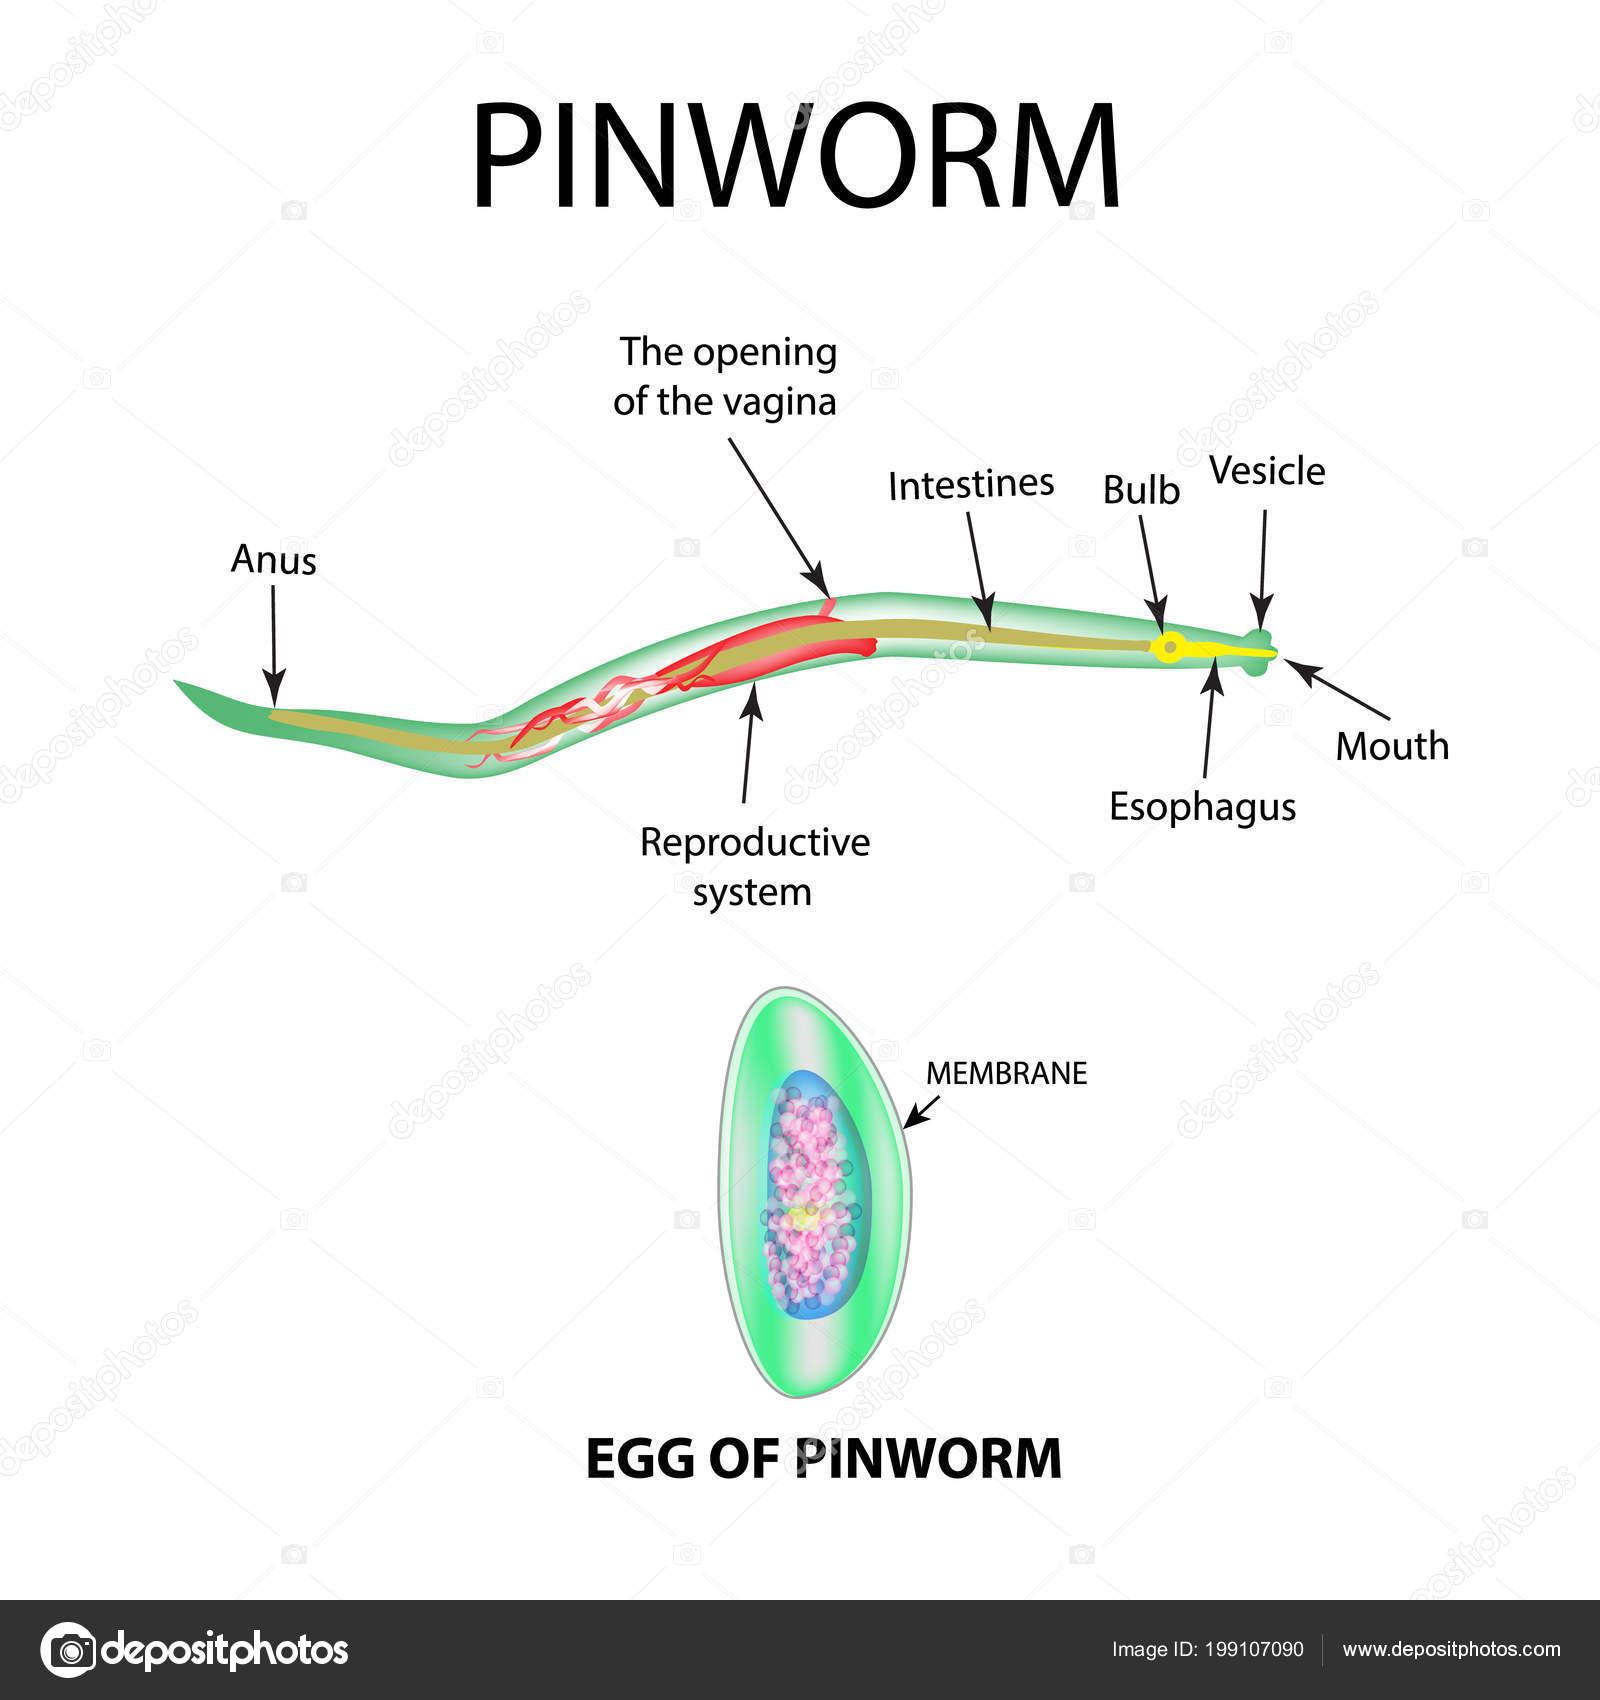 Pinworm fejlesztési szakasz táblázata - carbocomp.hu